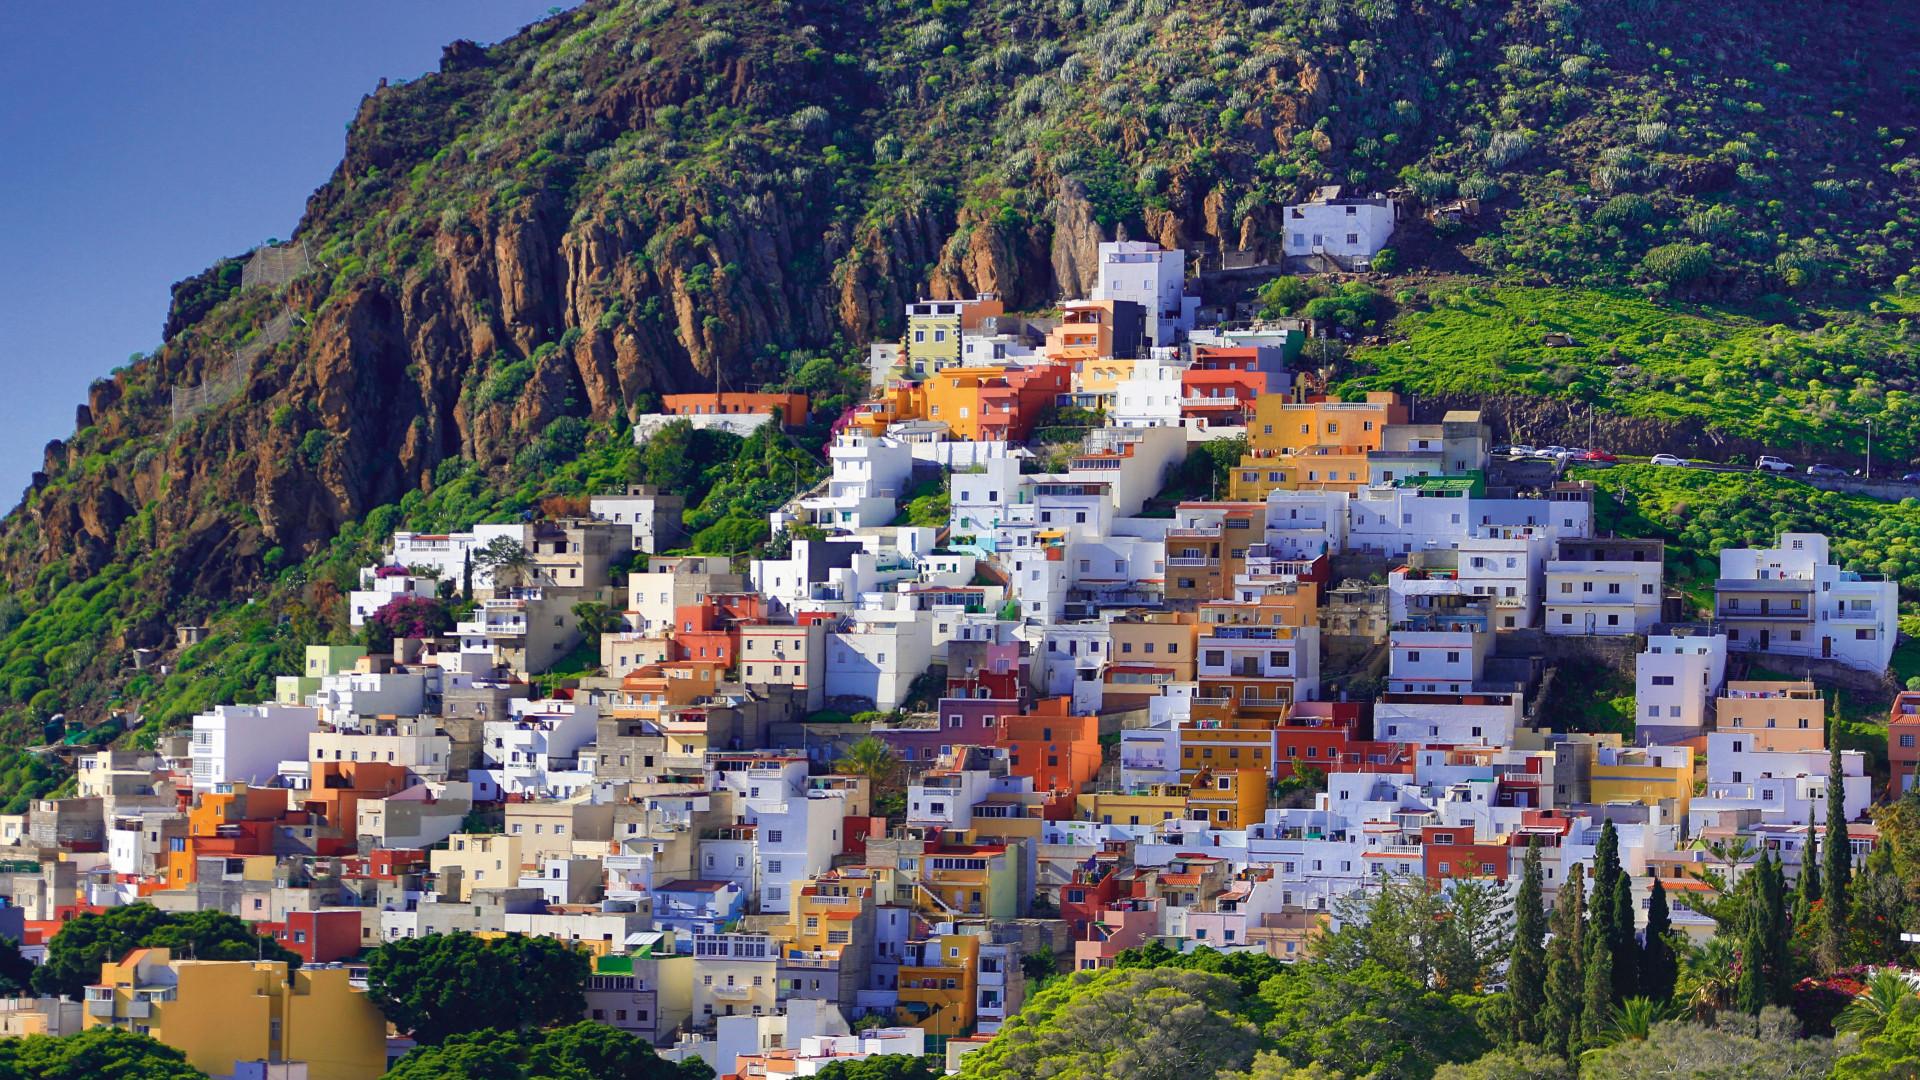 Sprawling hillsides in Tenerife